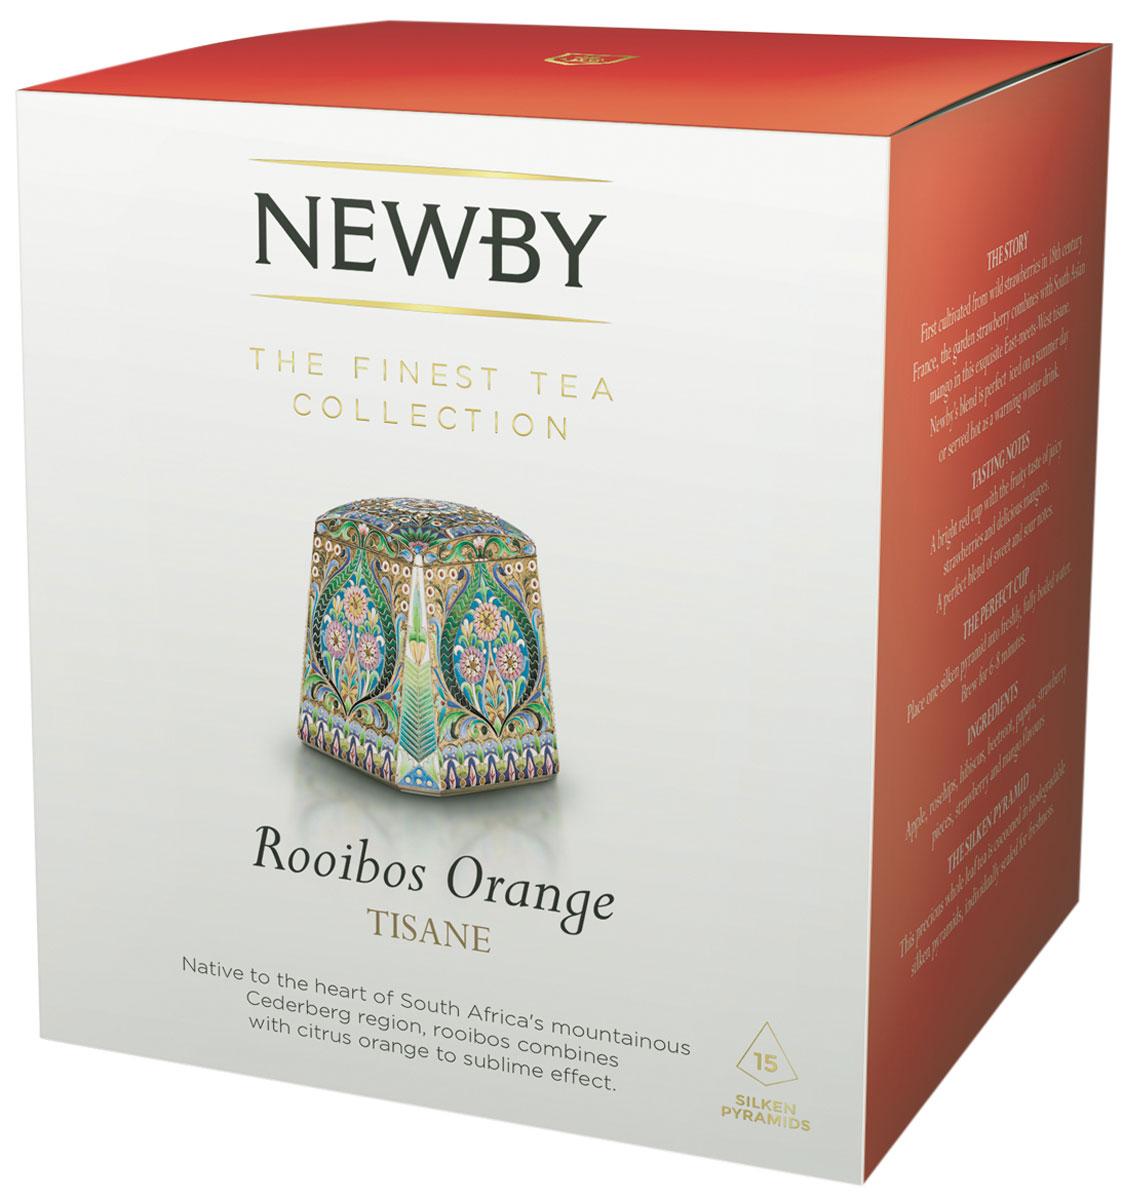 Newby Roiboos Orange травяной чай в пирамидках, 15 шт601220ANewby Roiboos Orange с цедрой апельсина дает мягкий настой ярко-оранжевого цвета с фруктово-цитрусовыми нотками. Каждая пирамидка упакована в индивидуальное саше из алюминиевой фольги для сохранения свежести ингредиентов.